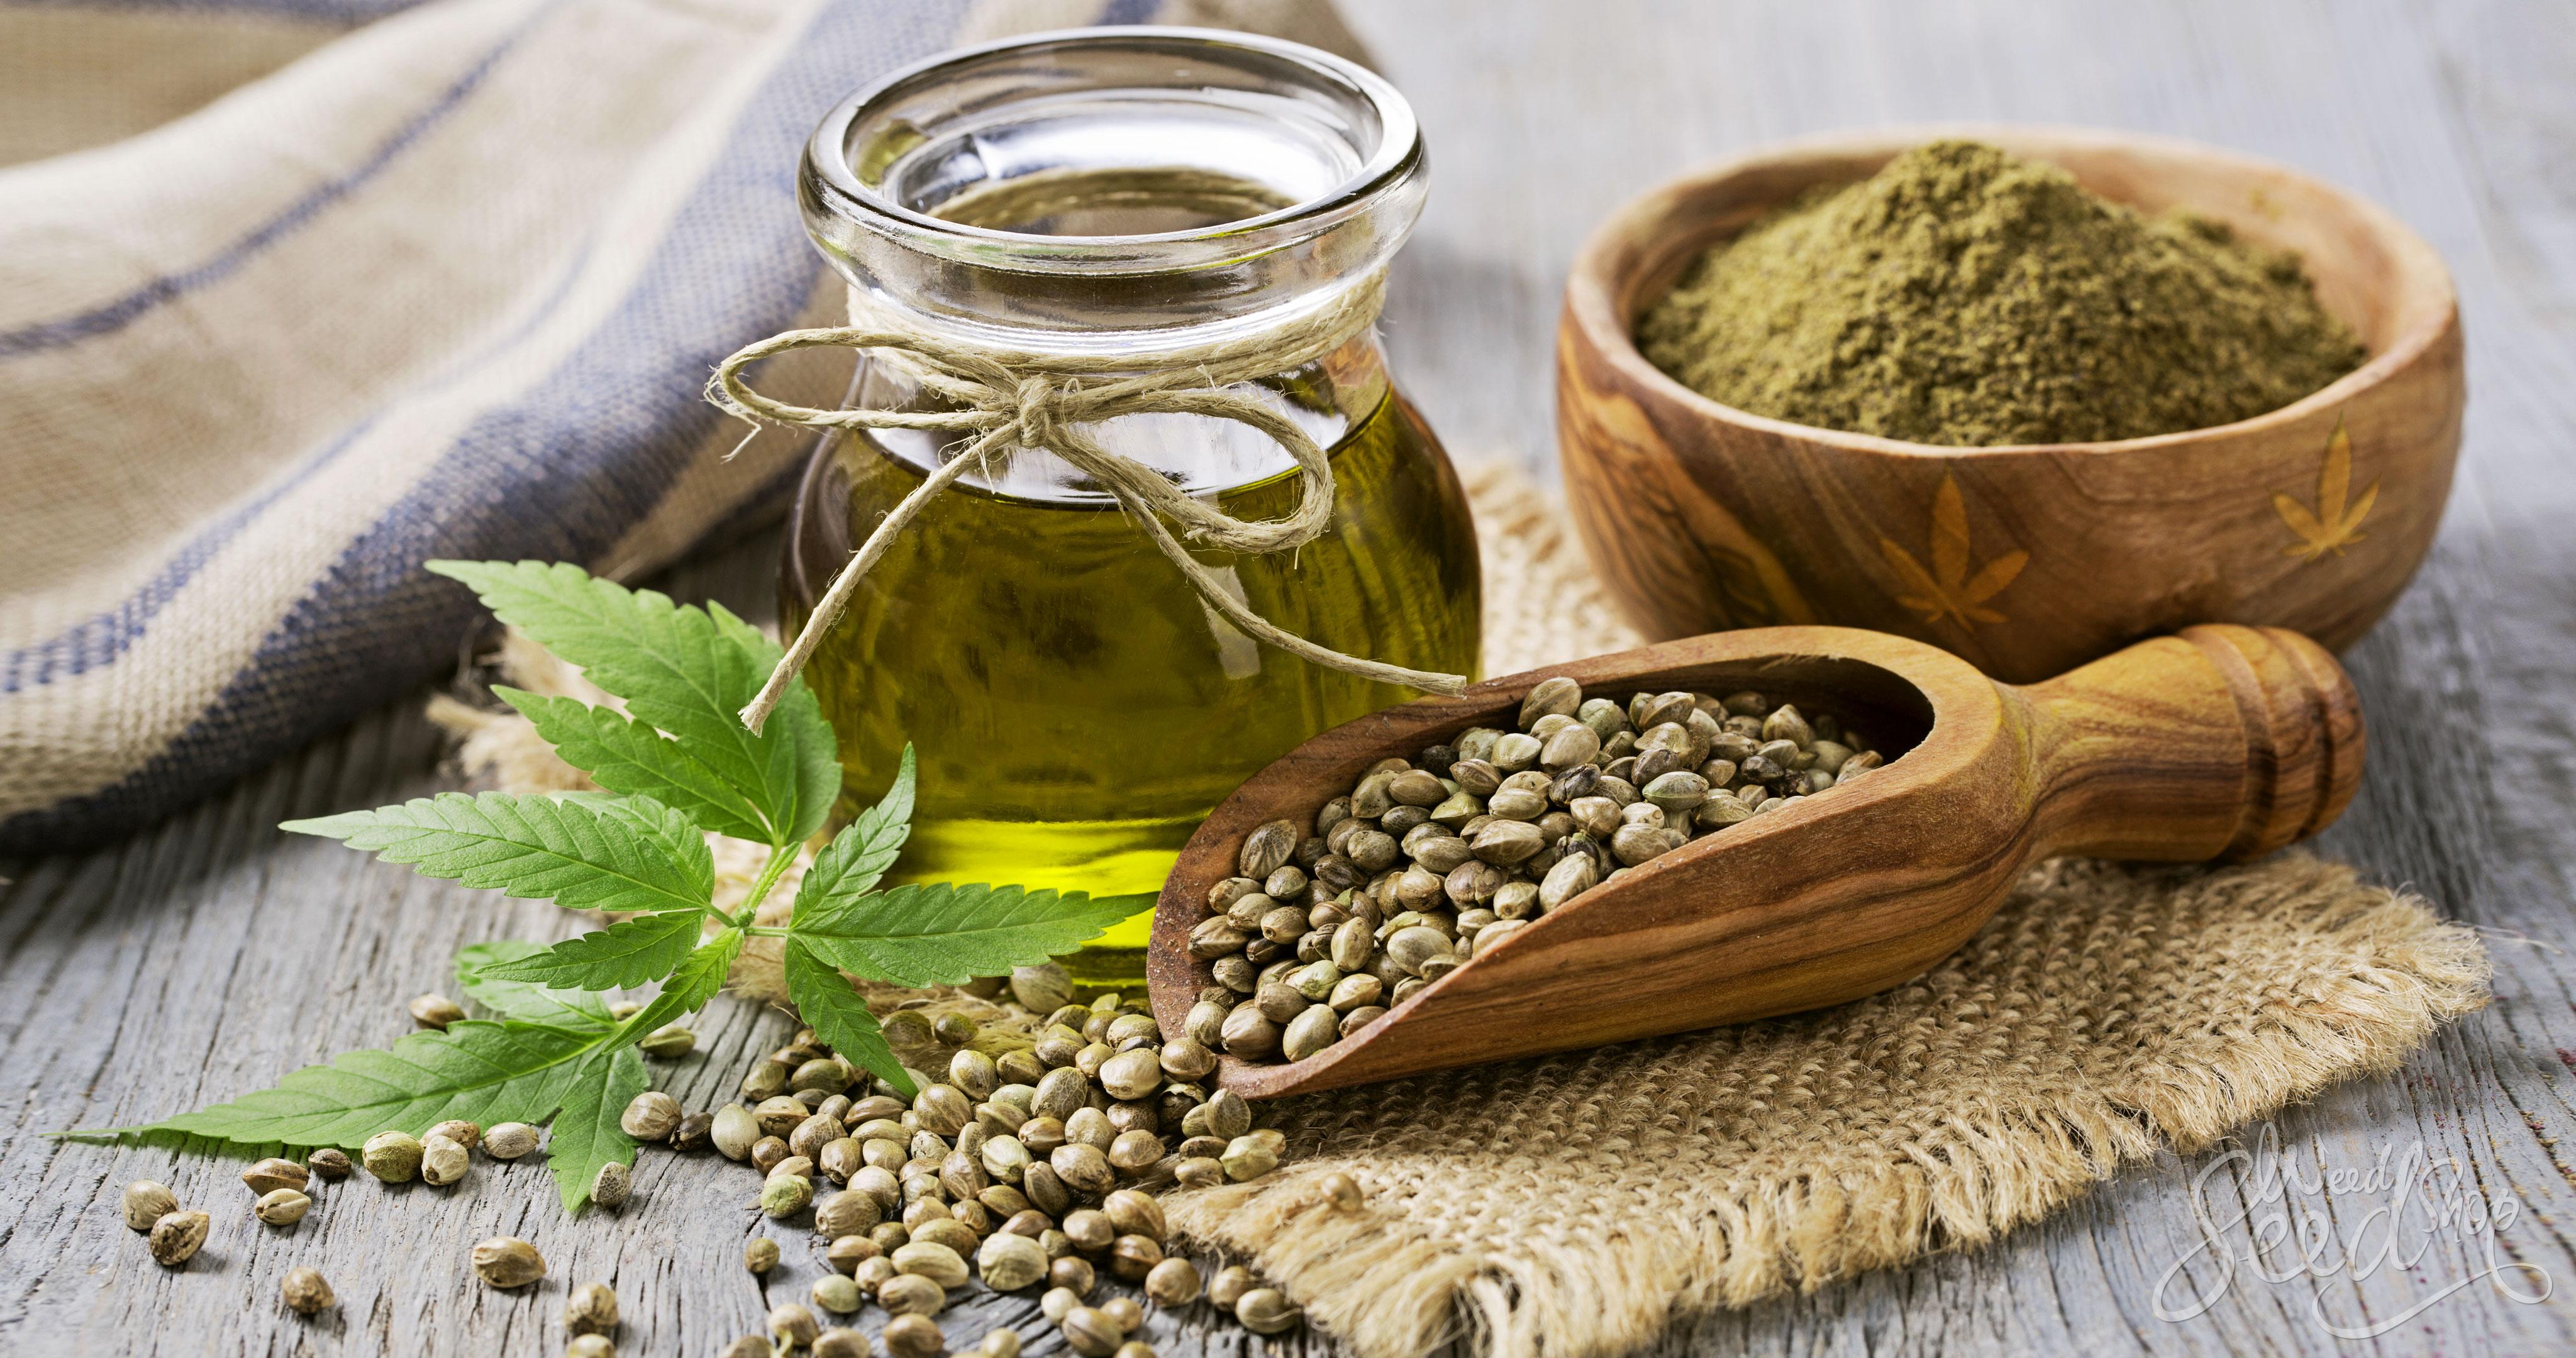 3 Usos Alternativos de las Semillas de Cannabis